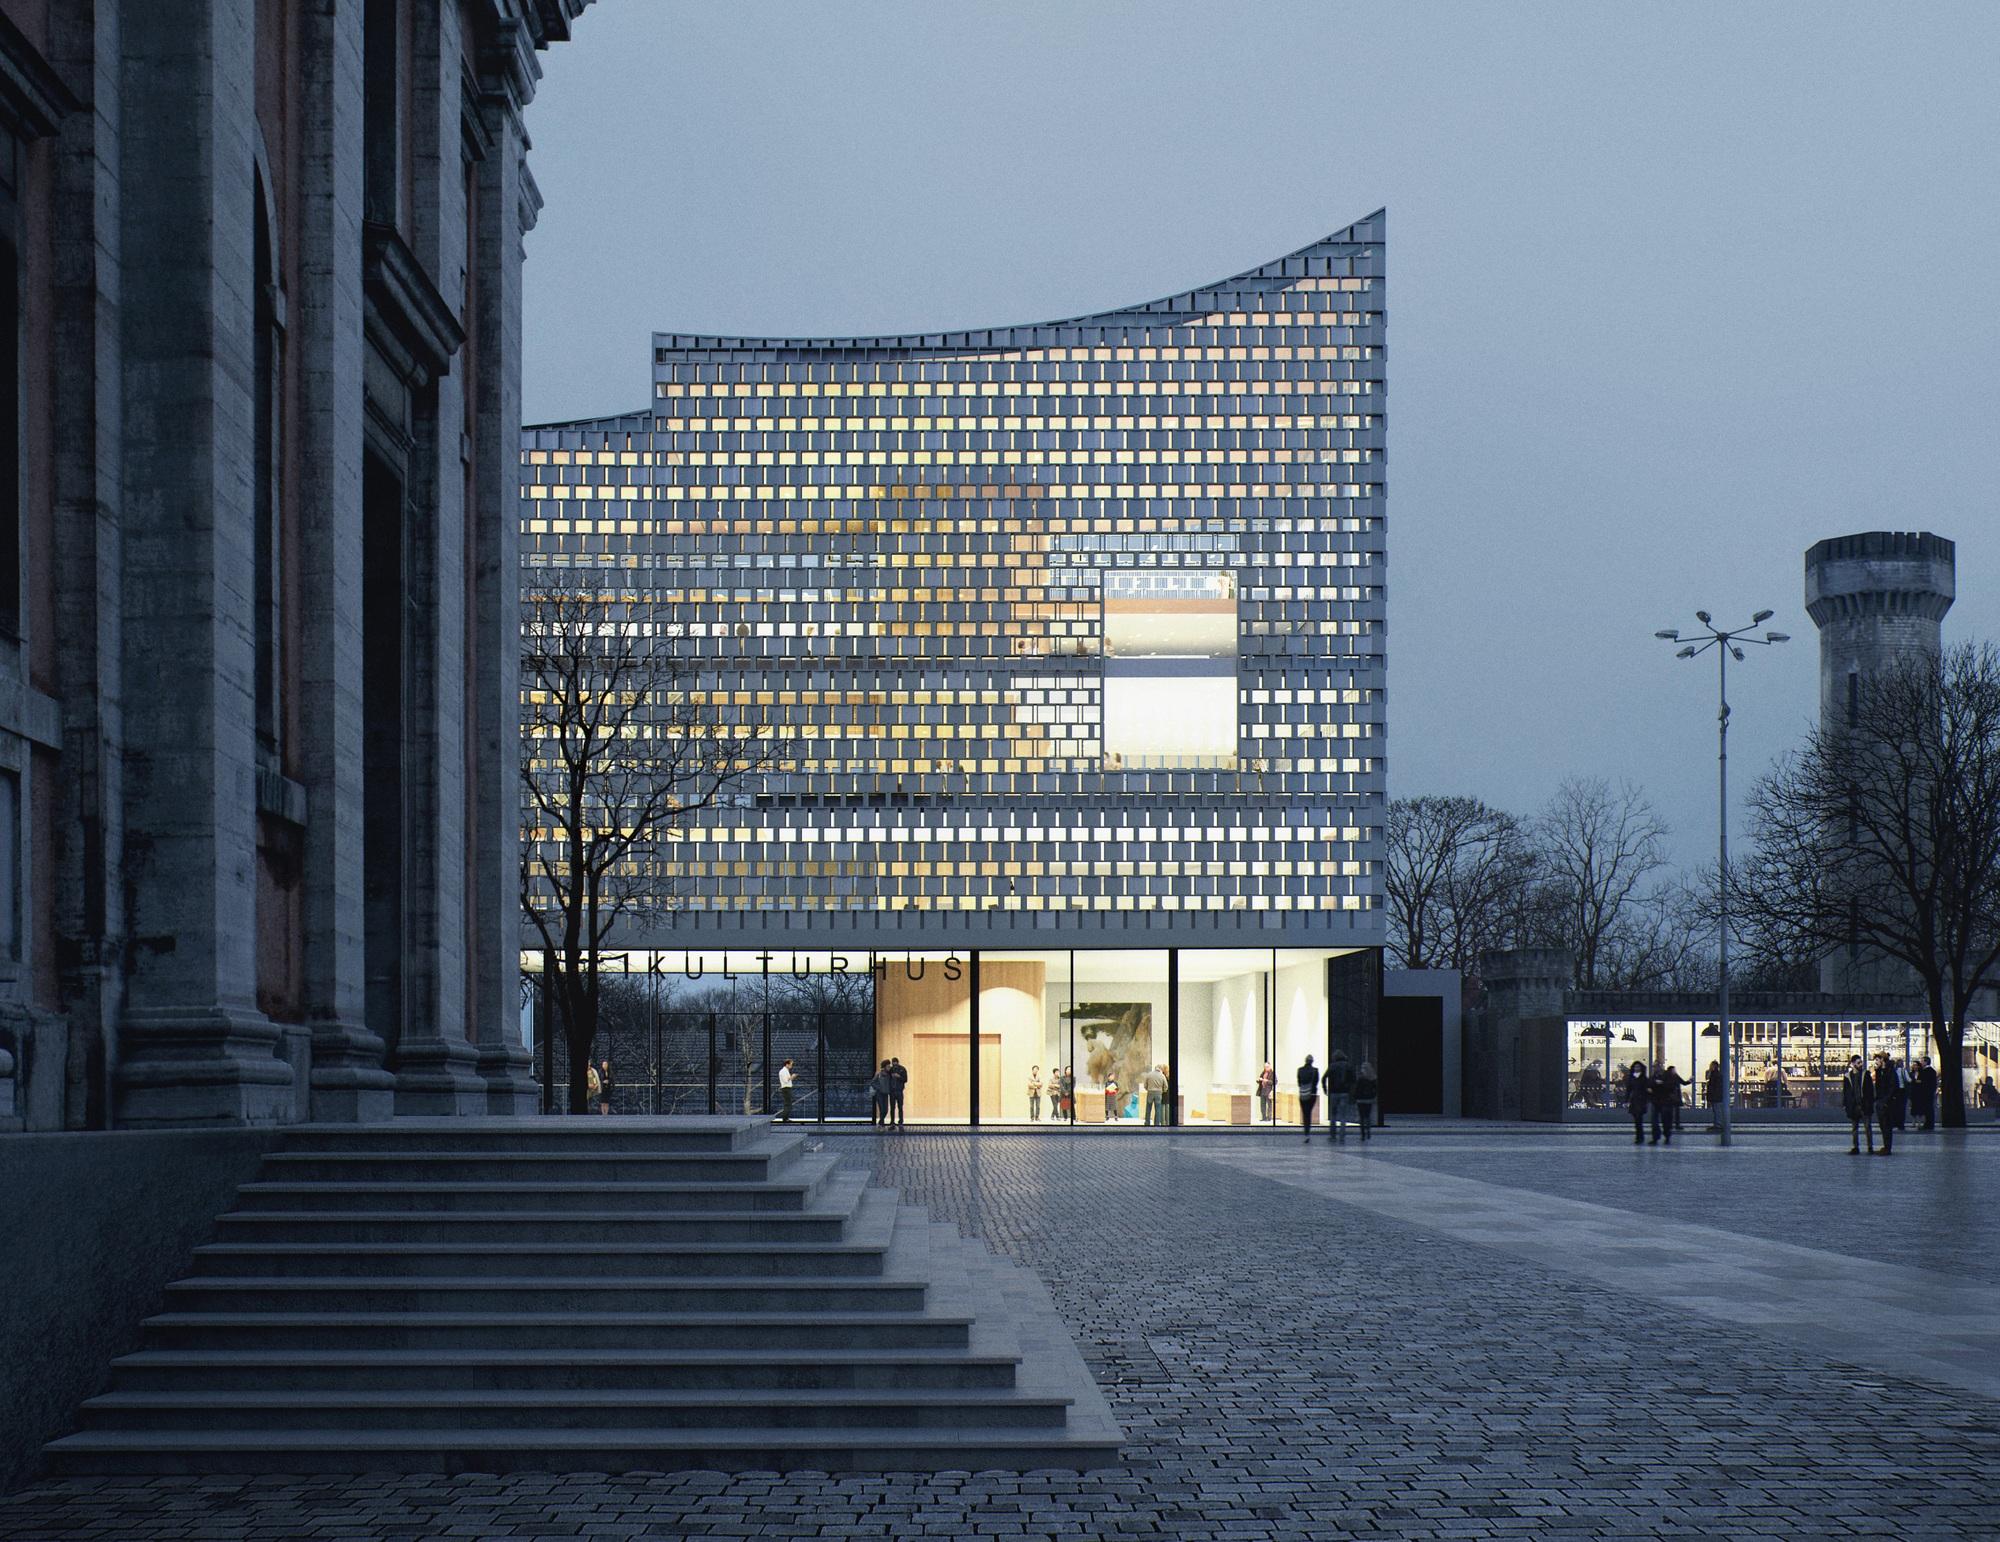 dorte mandrup designs swedish culture house in karlskrona